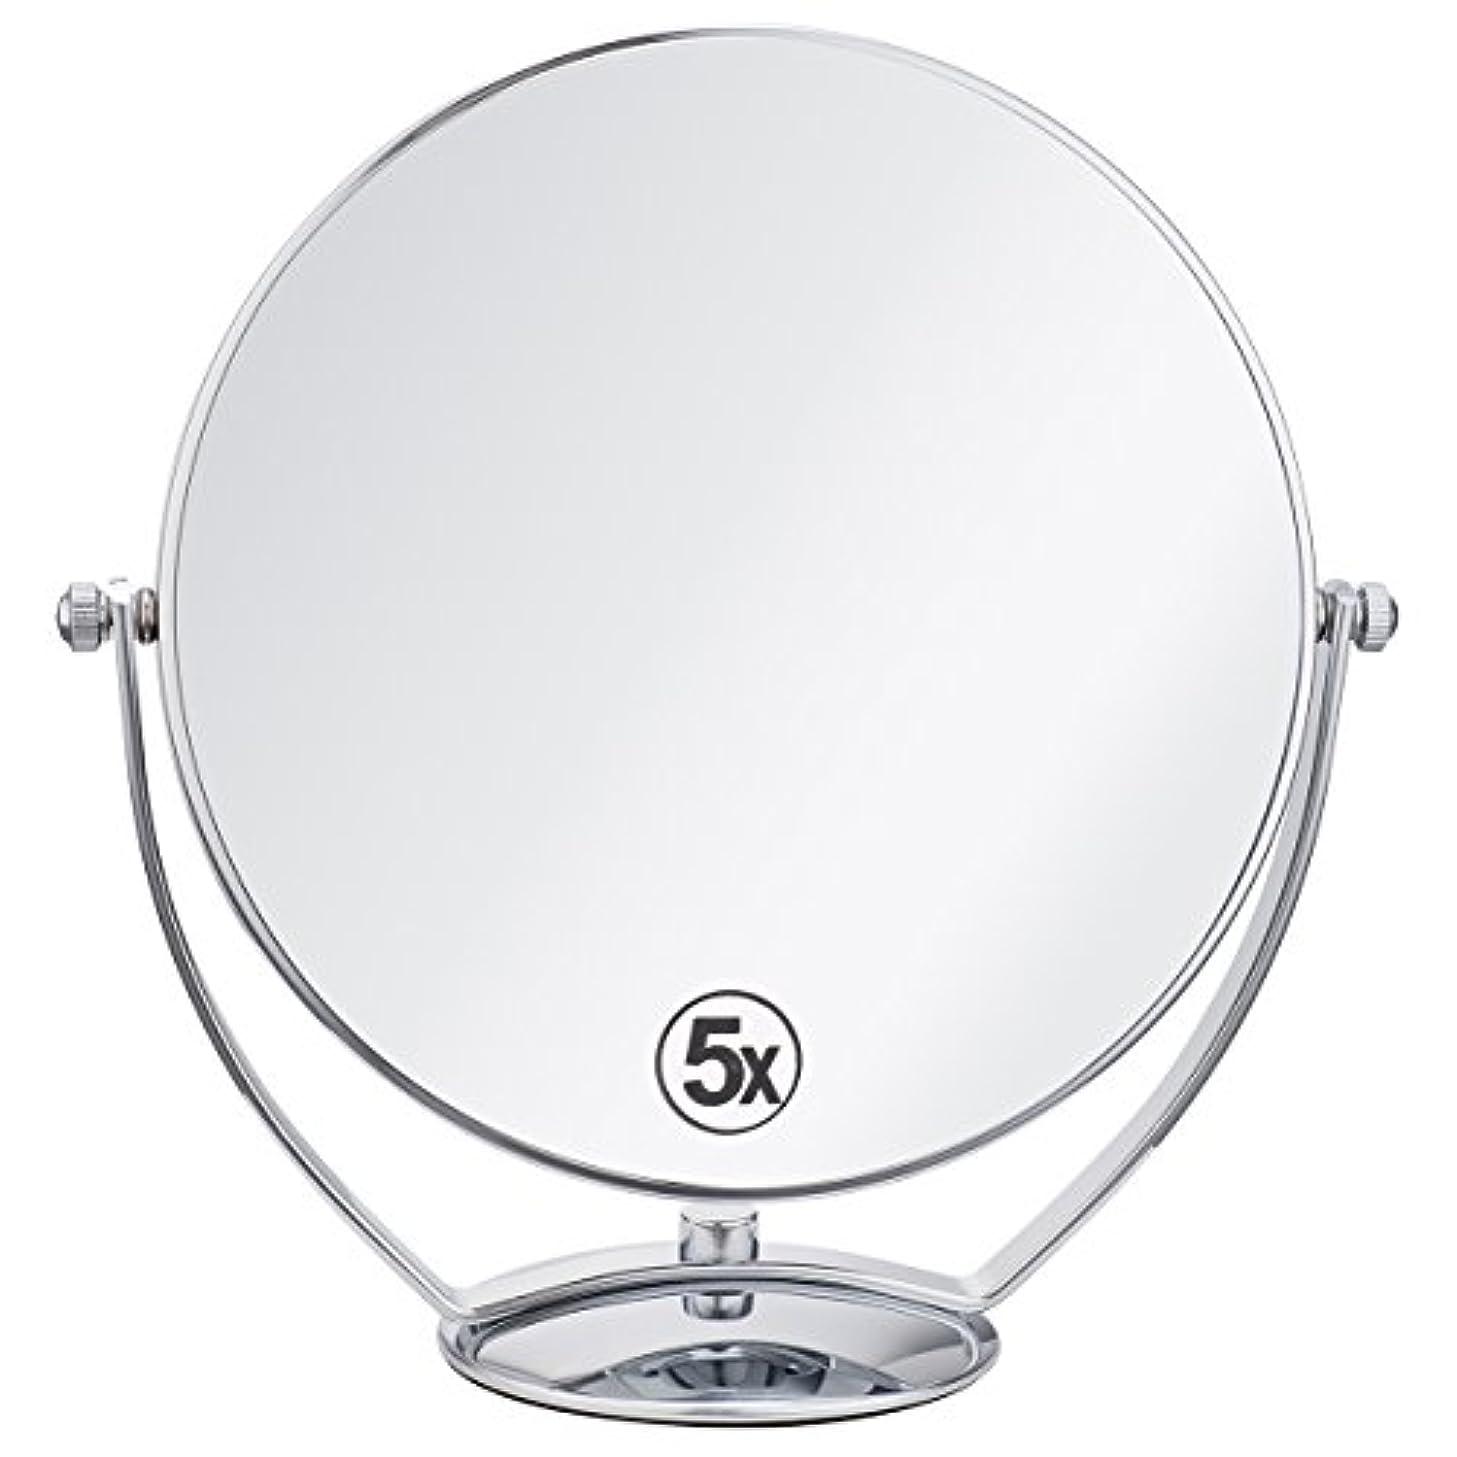 人類プット地平線(セーディコ)Cerdeco 西洋風鏡 真実の両面鏡DX 5倍拡大鏡+等倍鏡 両面化粧鏡 360度回転 卓上鏡 スタンドミラー メイク道具 大きい鏡面φ198mm j823